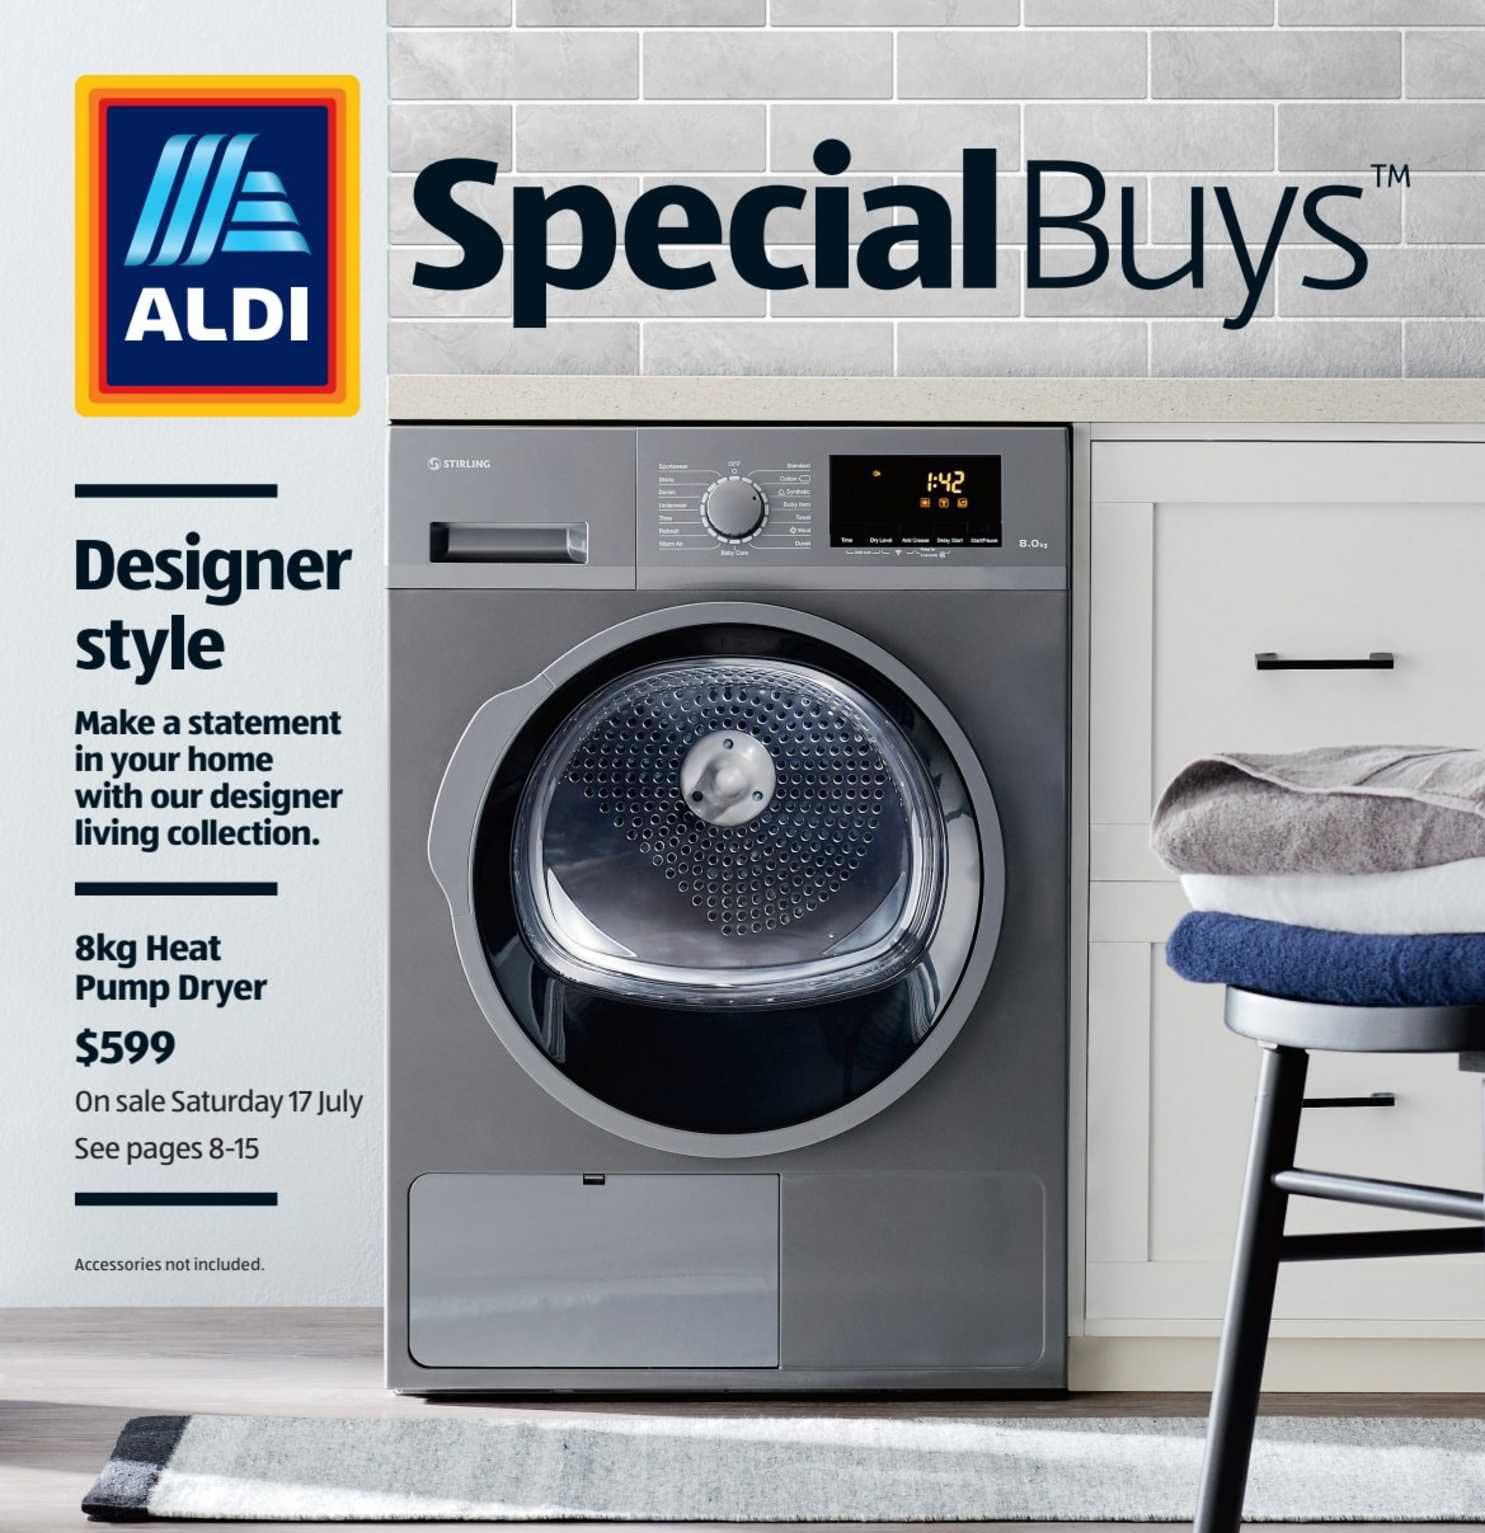 ALDI 8kg Heat Pump Dryer